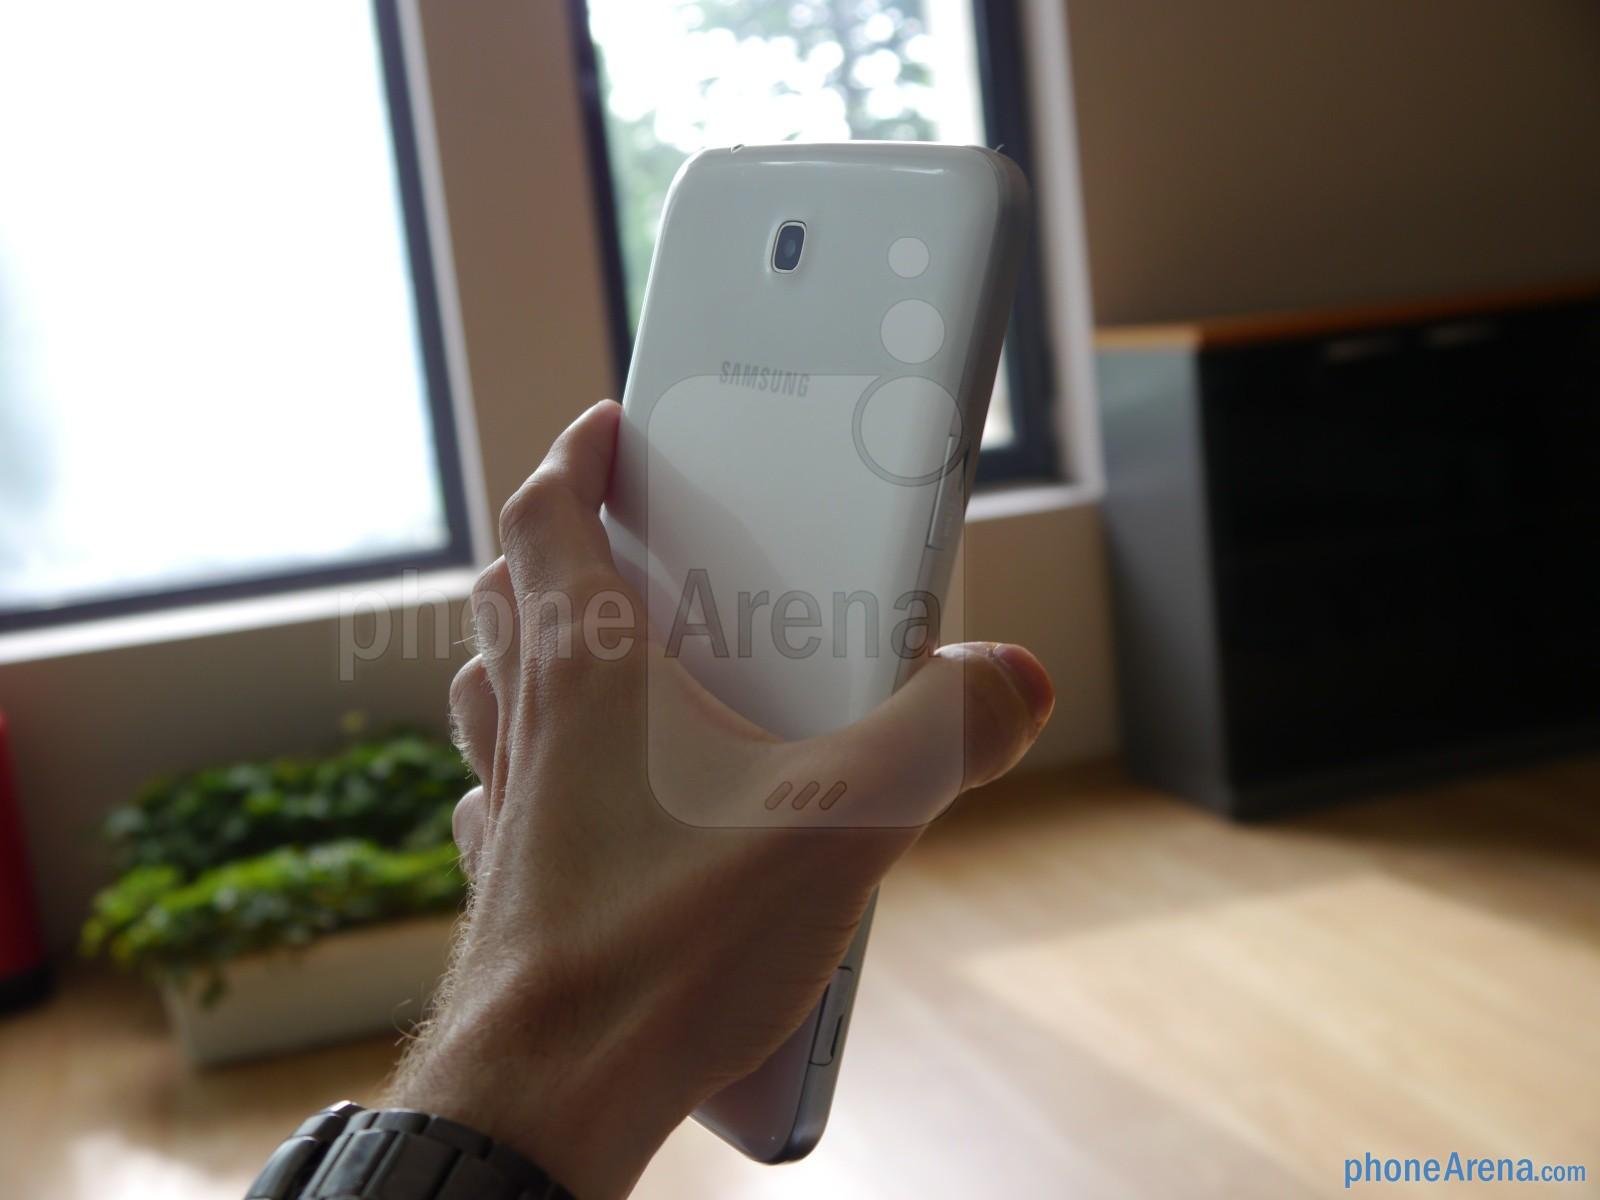 Samsung-Galaxy-Tab-3-7-inch-images (5)